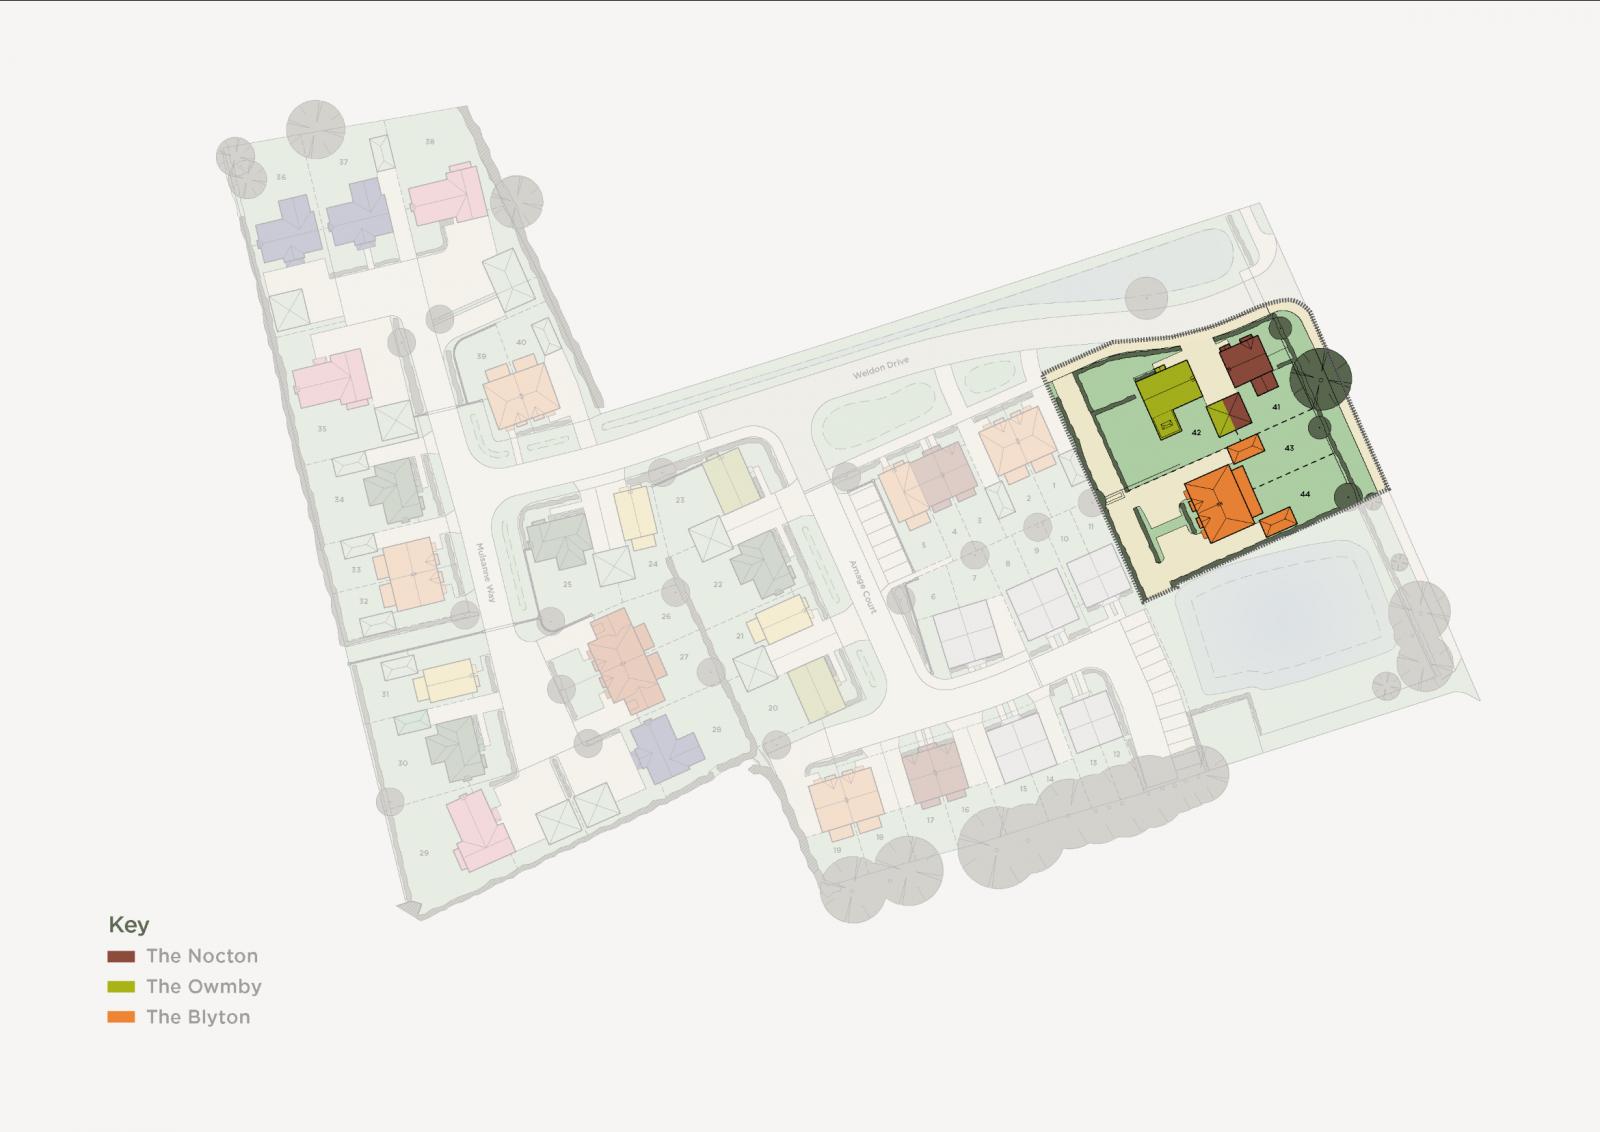 Lodge Lane Site Plan